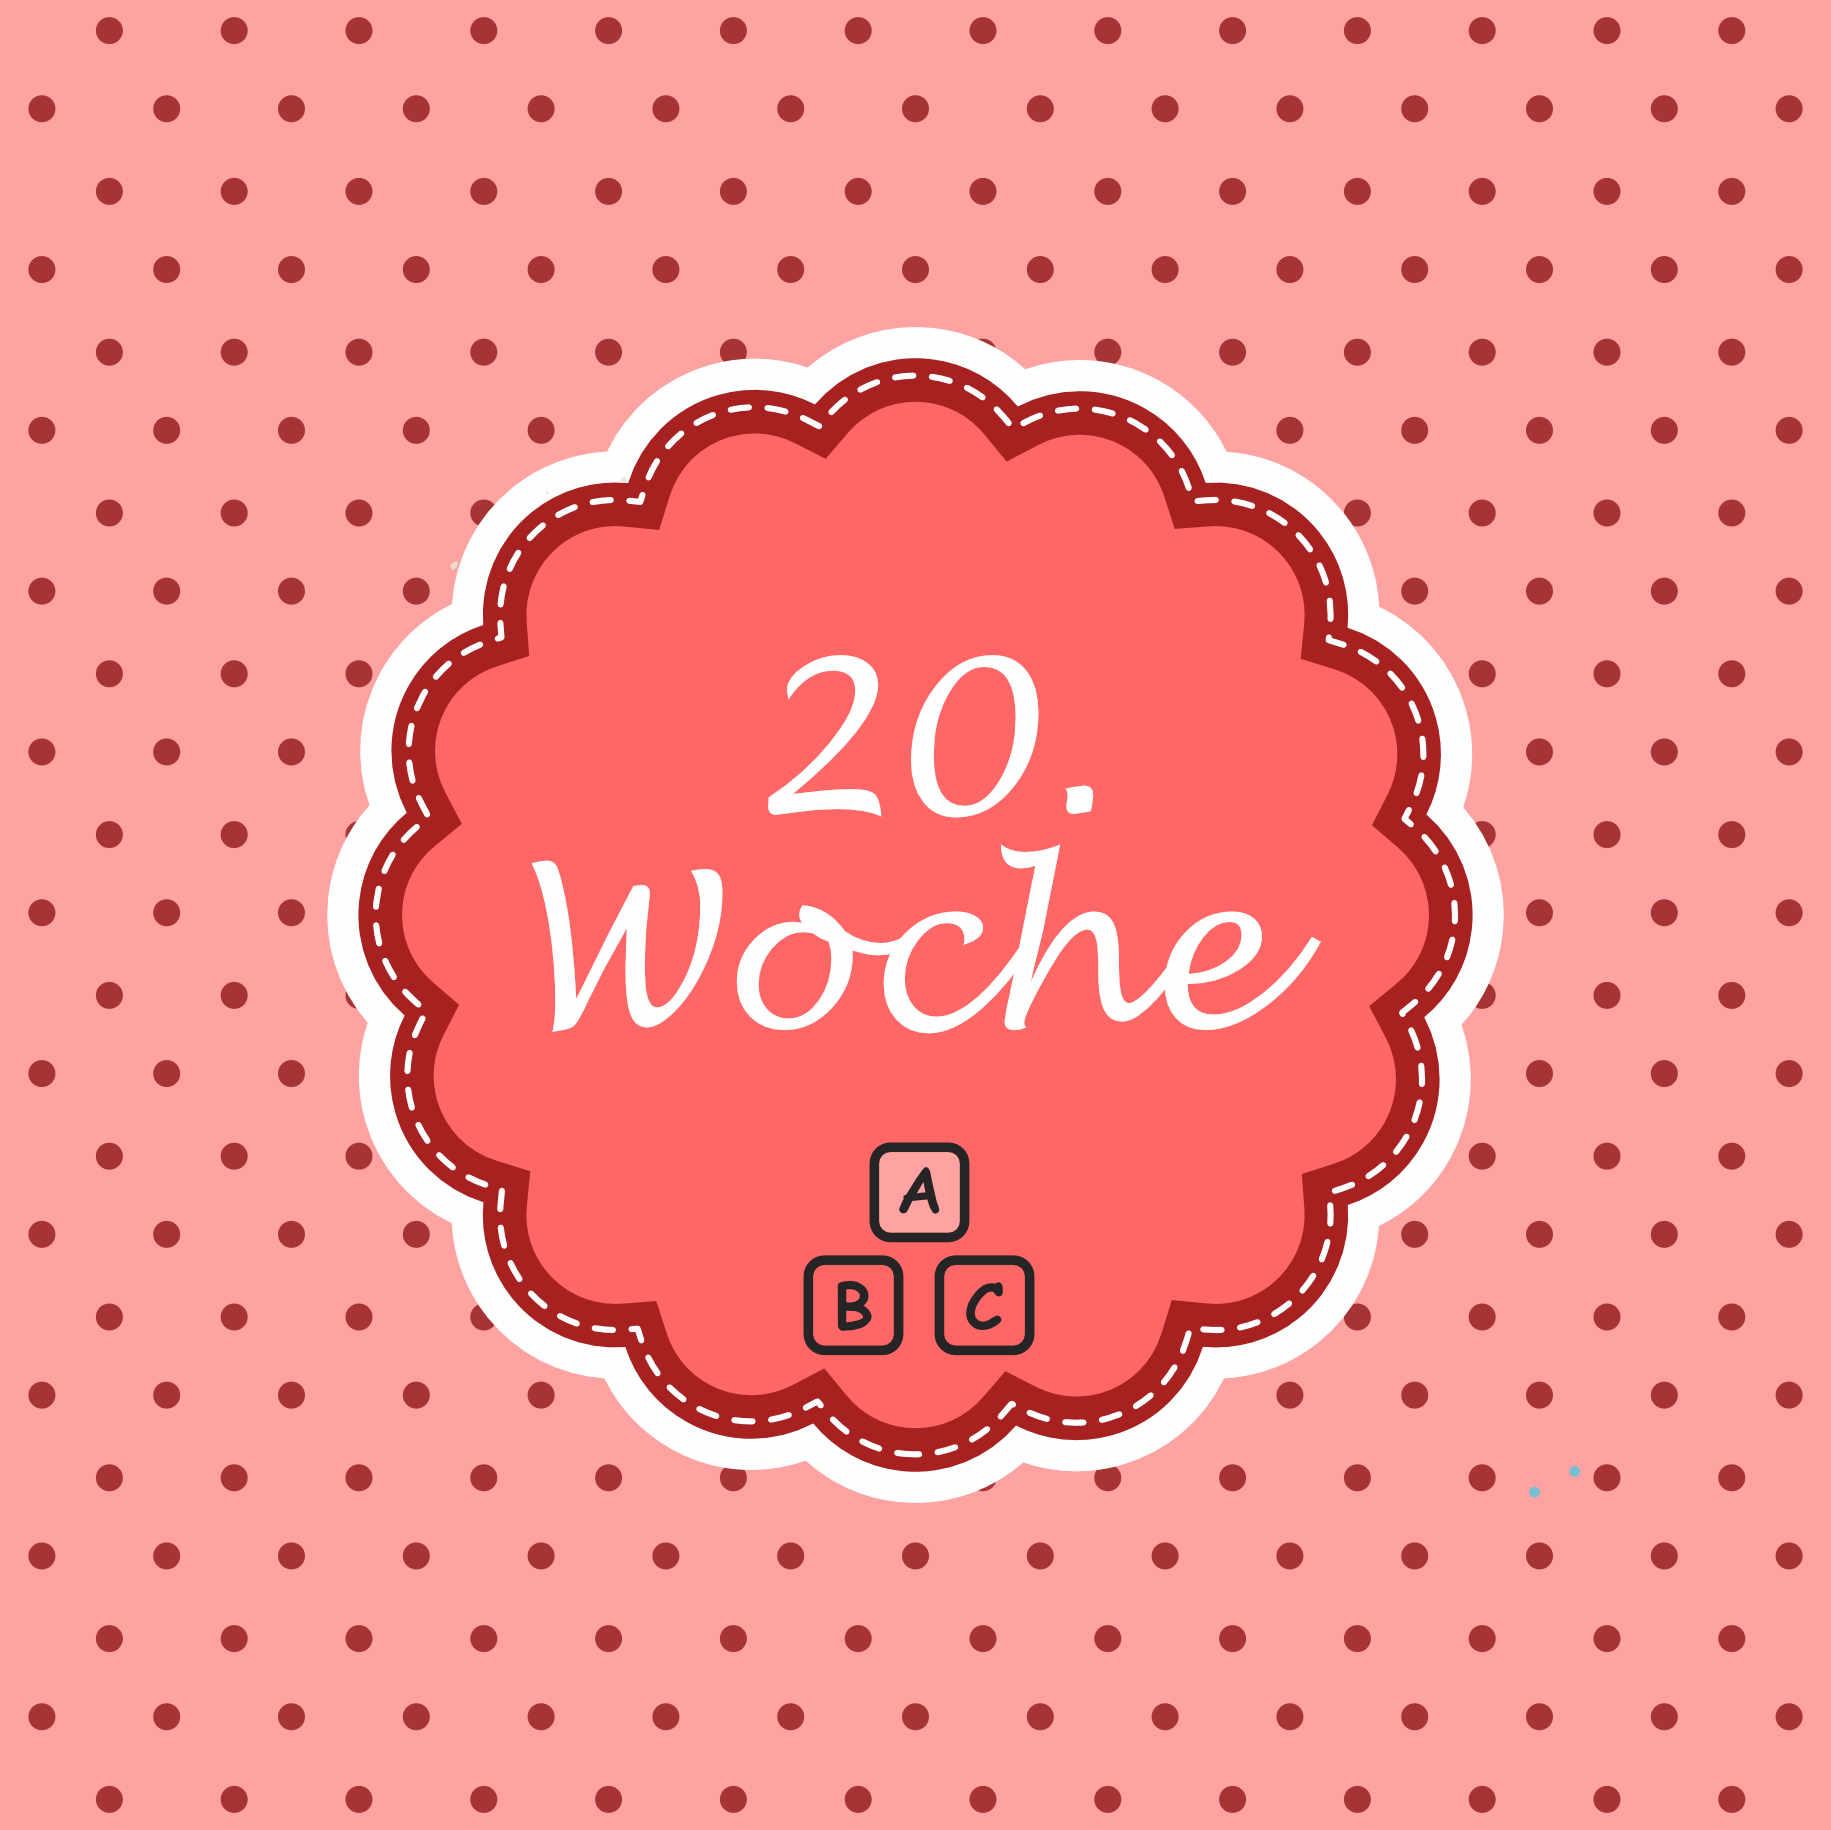 20. Woche Meilenstein Schwangerschaft Instagram